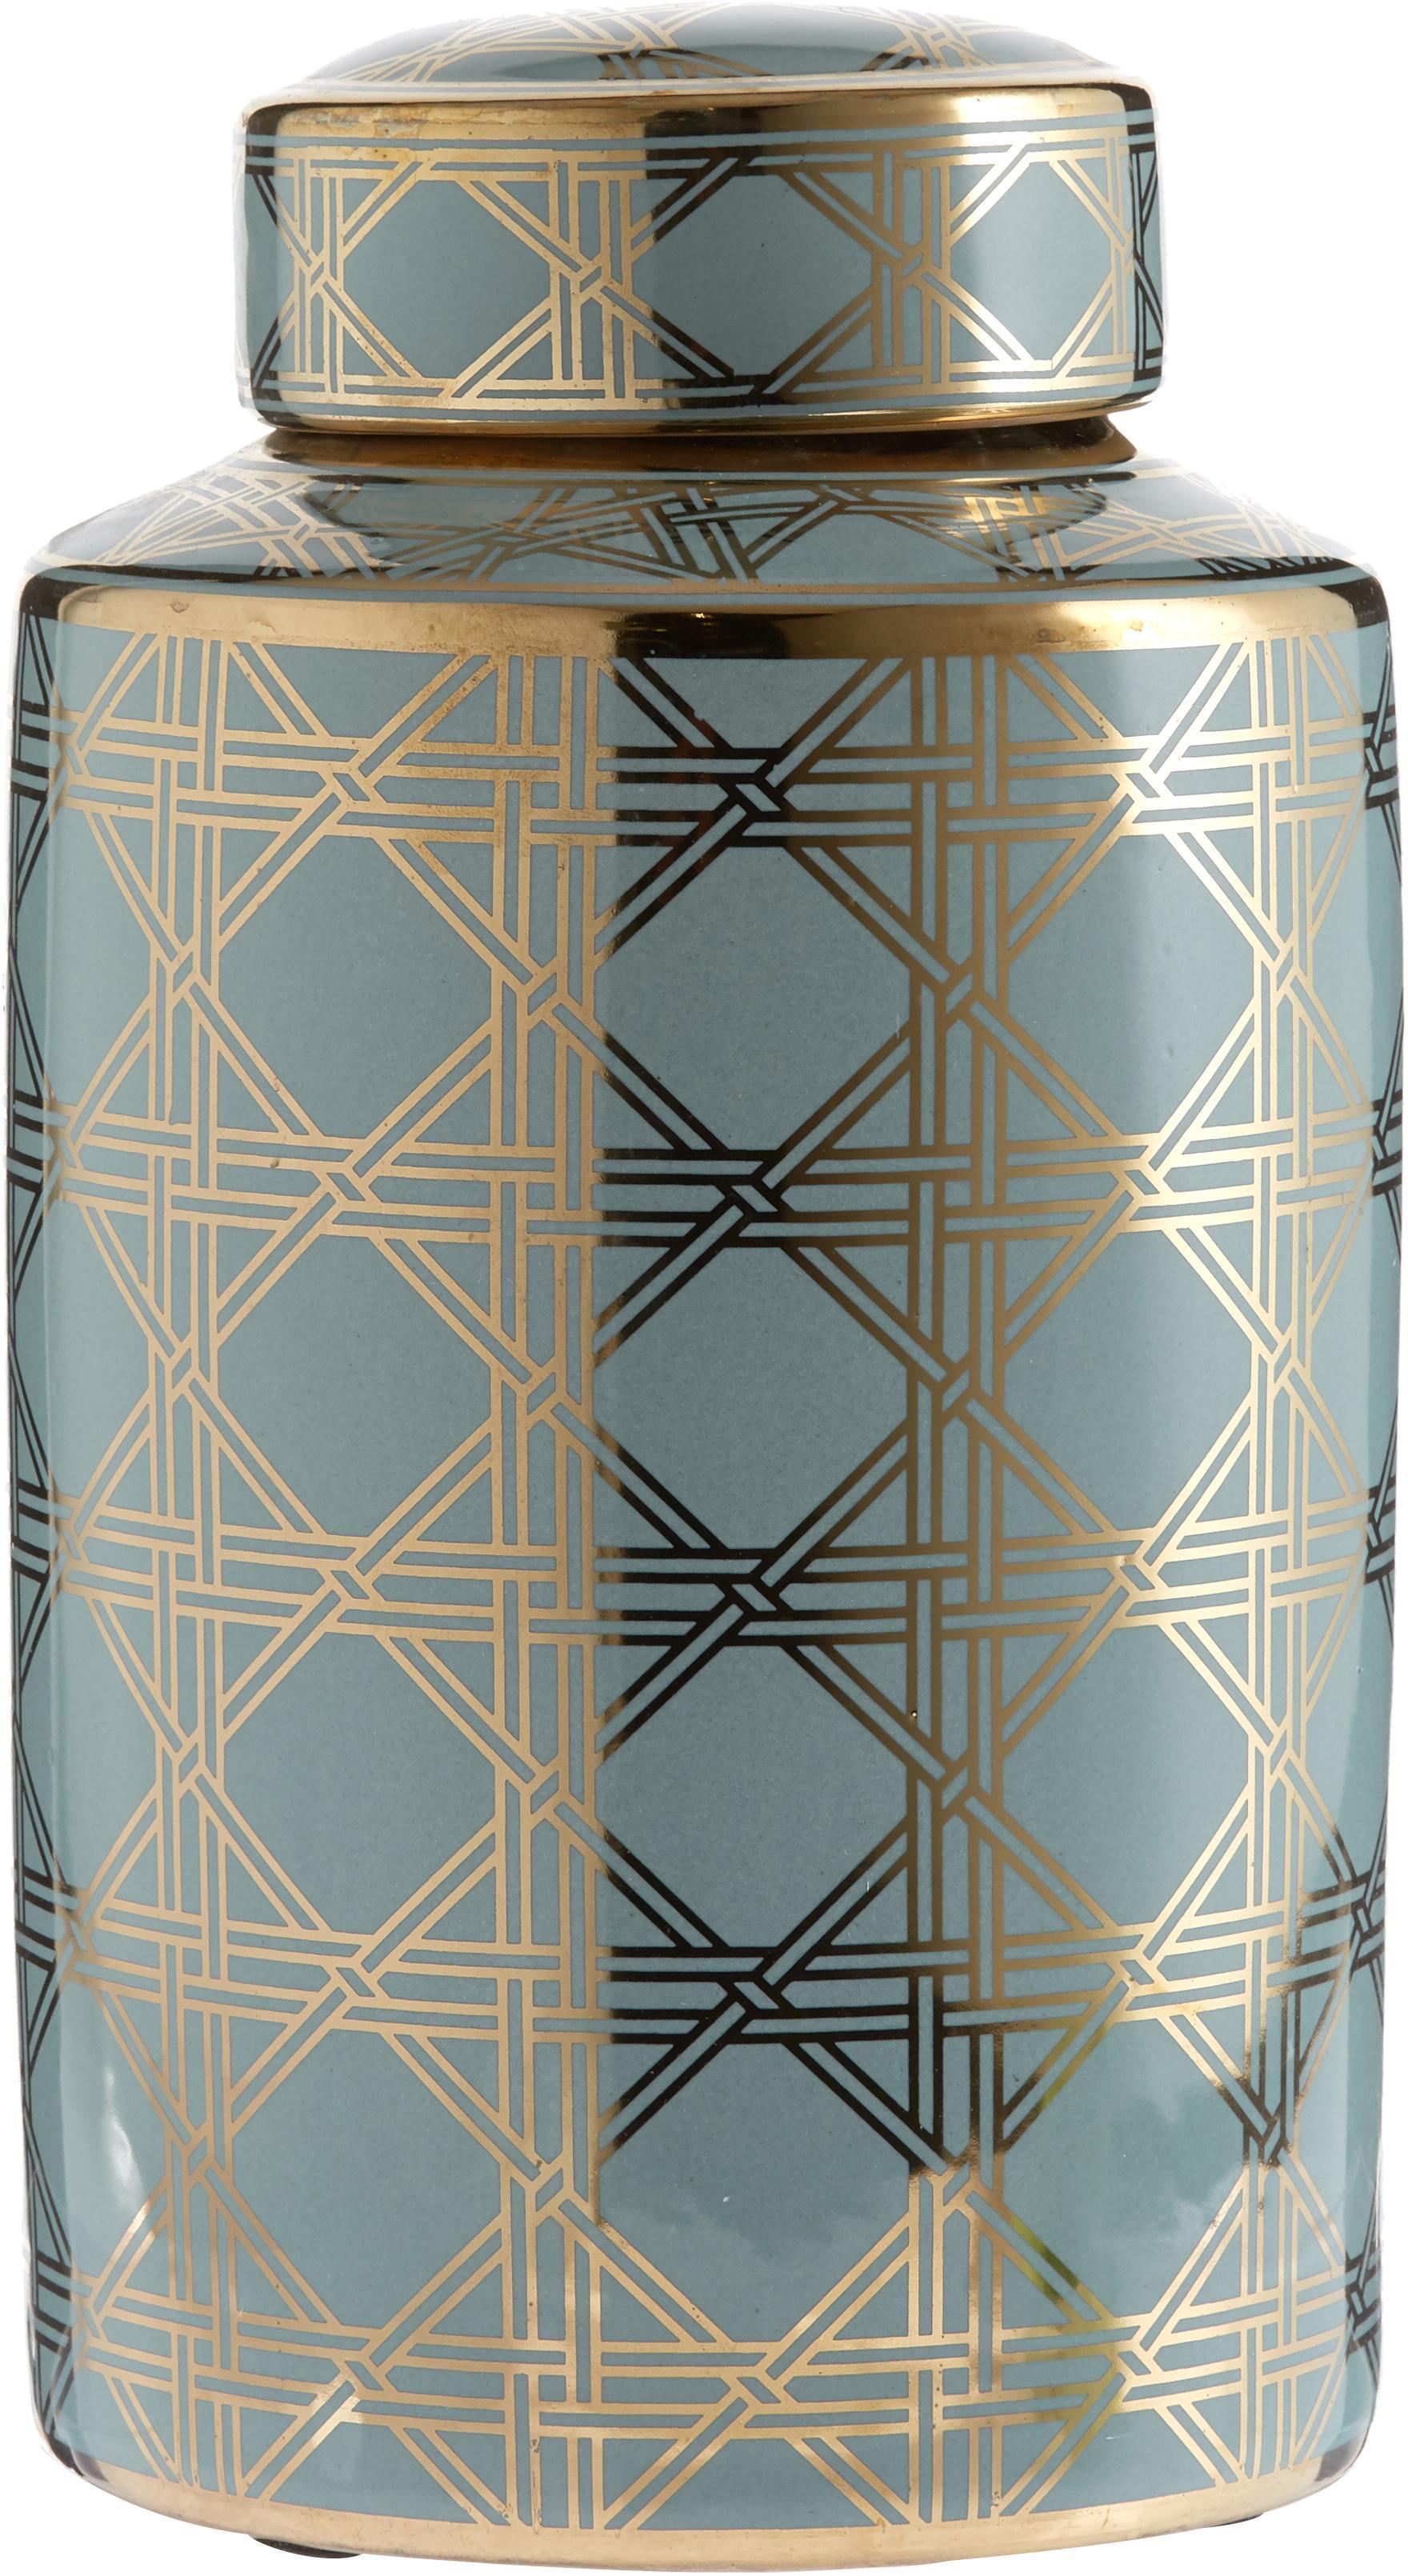 Große Deckelvase Egypt aus Porzellan, Porzellan, Türkis, Goldfarben, Ø 17 x H 30 cm